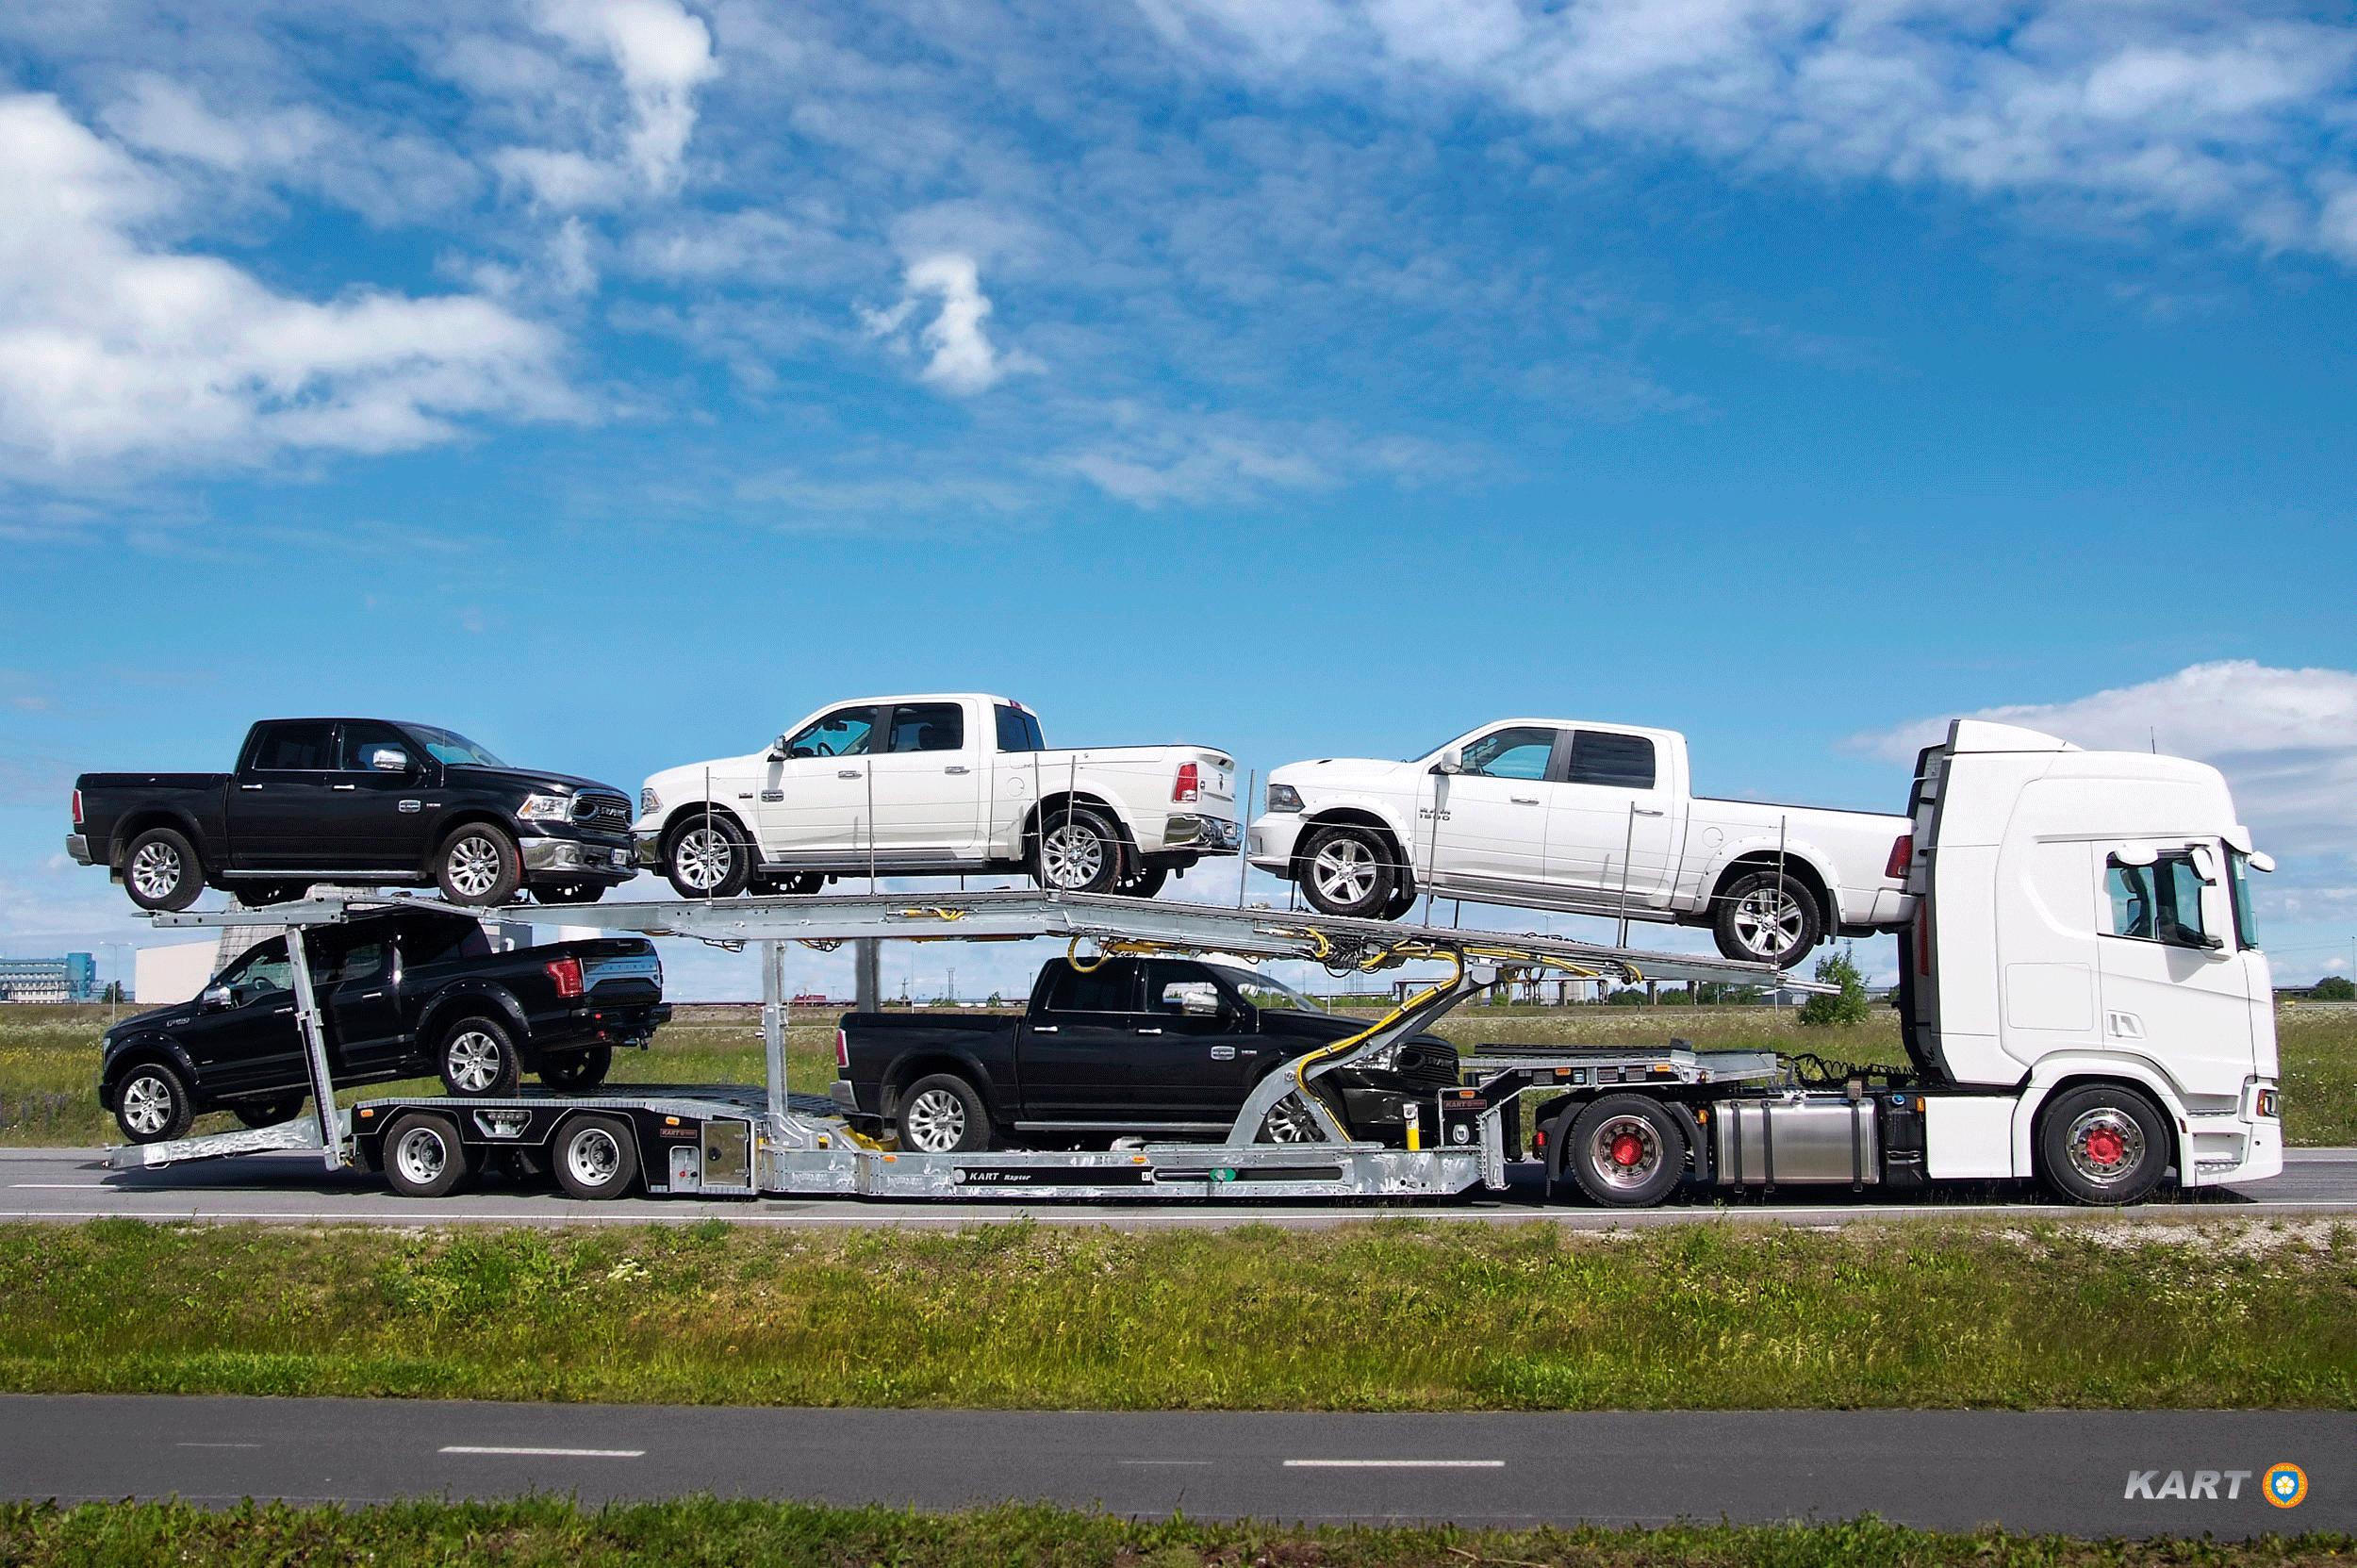 KART Raptor | Trucks